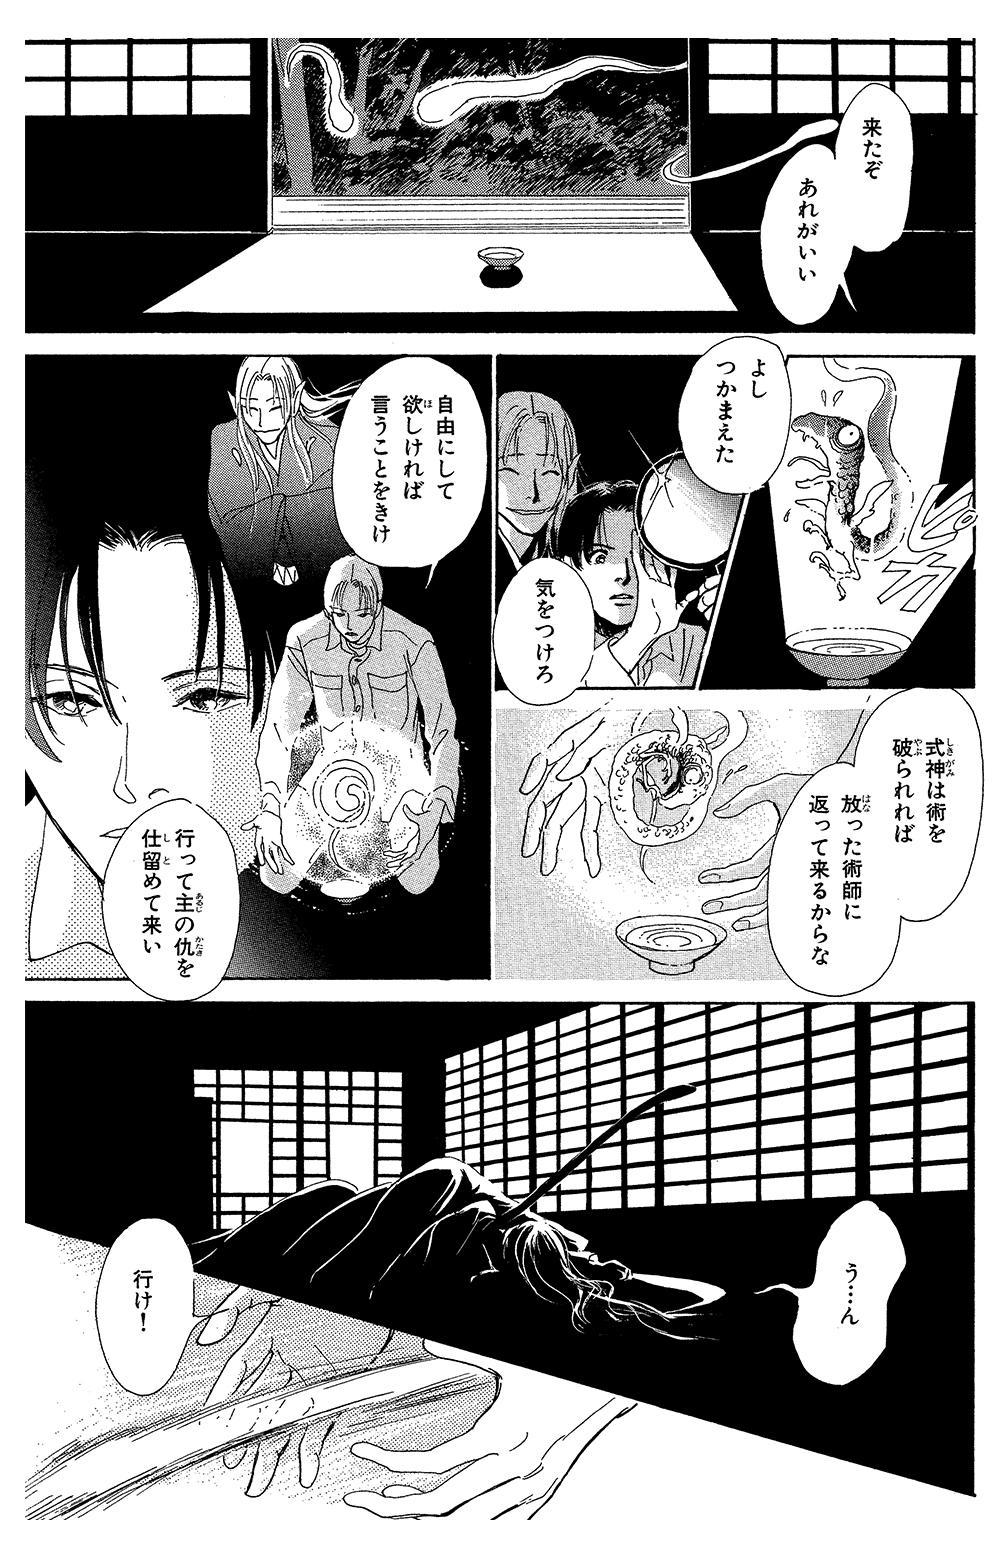 百鬼夜行抄 第1話「闇からの呼び声」④hyakki1-4-4.jpg